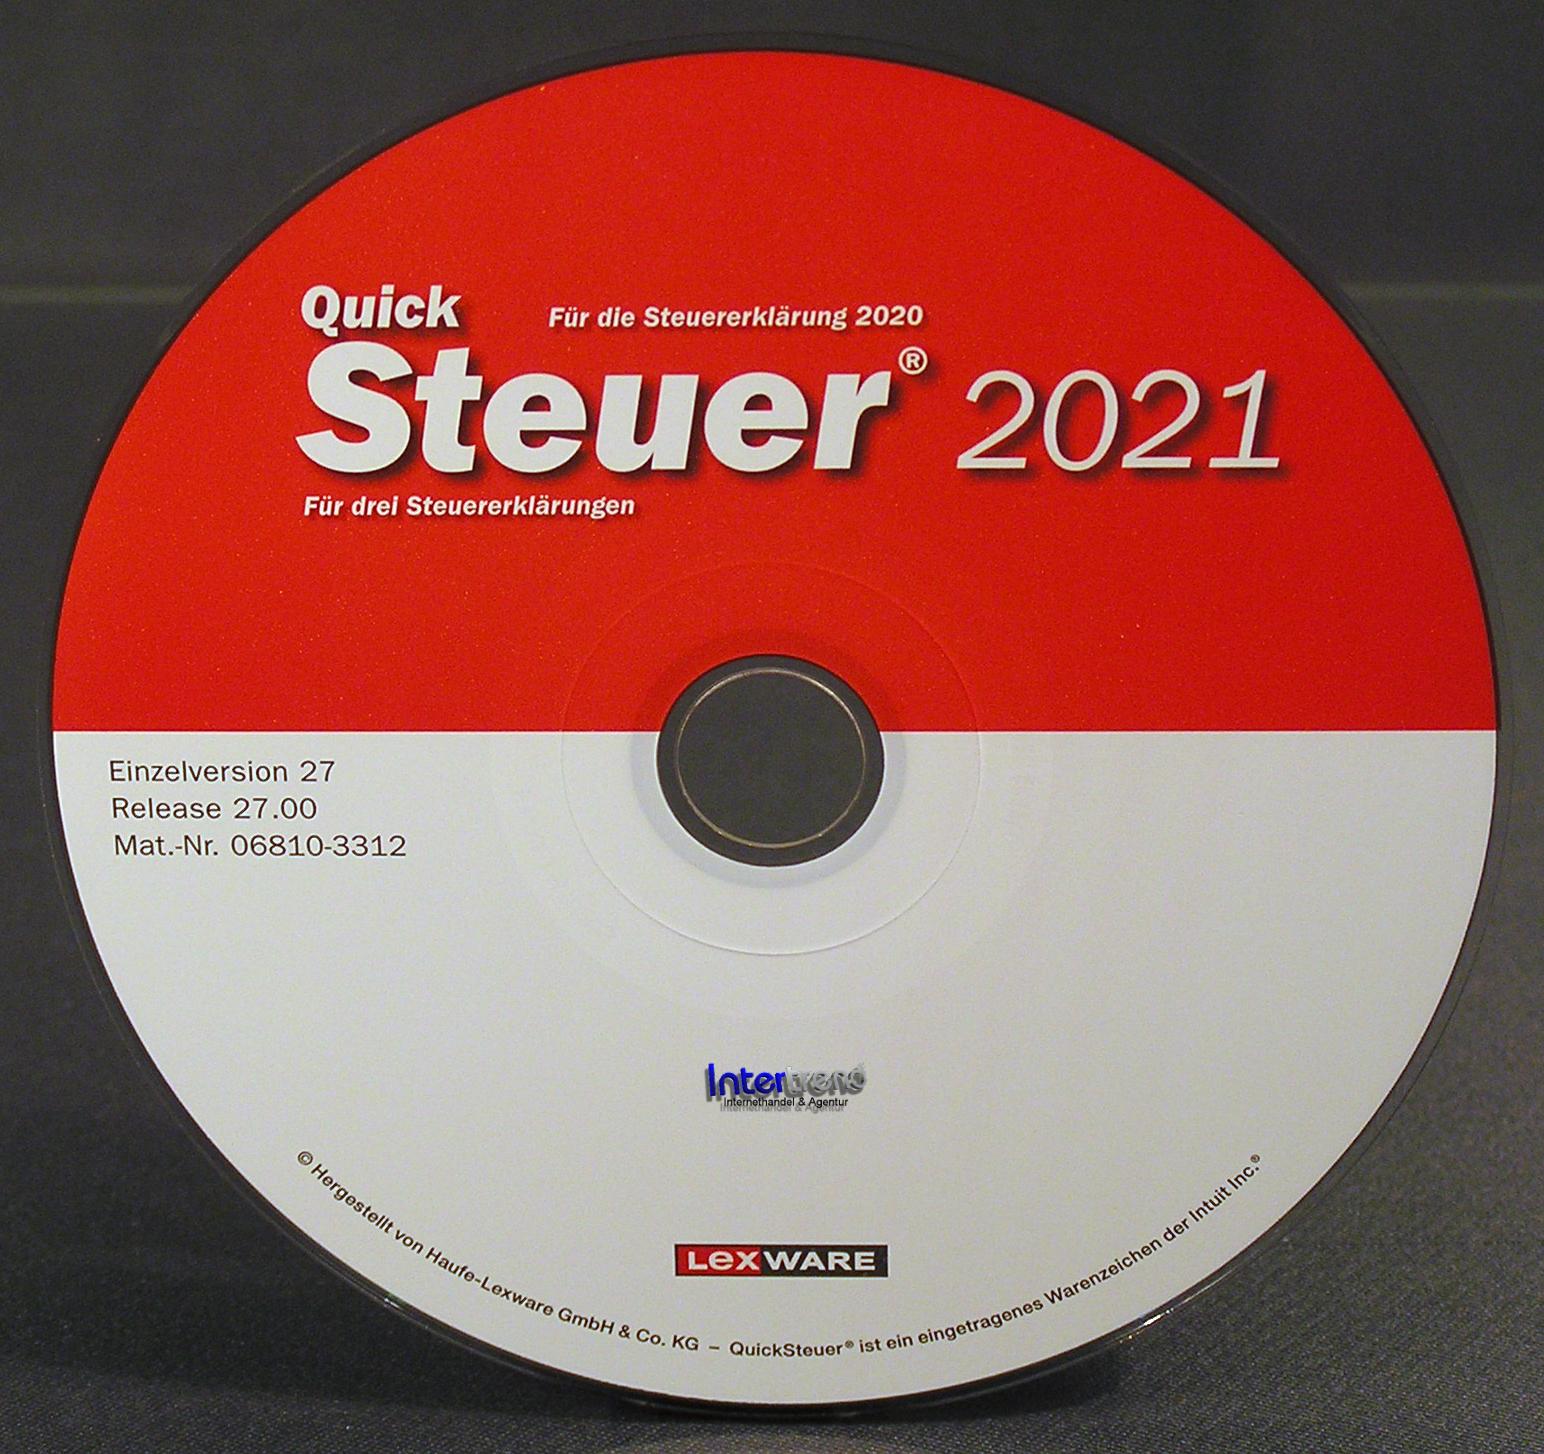 Lexware QuickSteuer 2021 Vollversion Box, CD, Handbuch ...